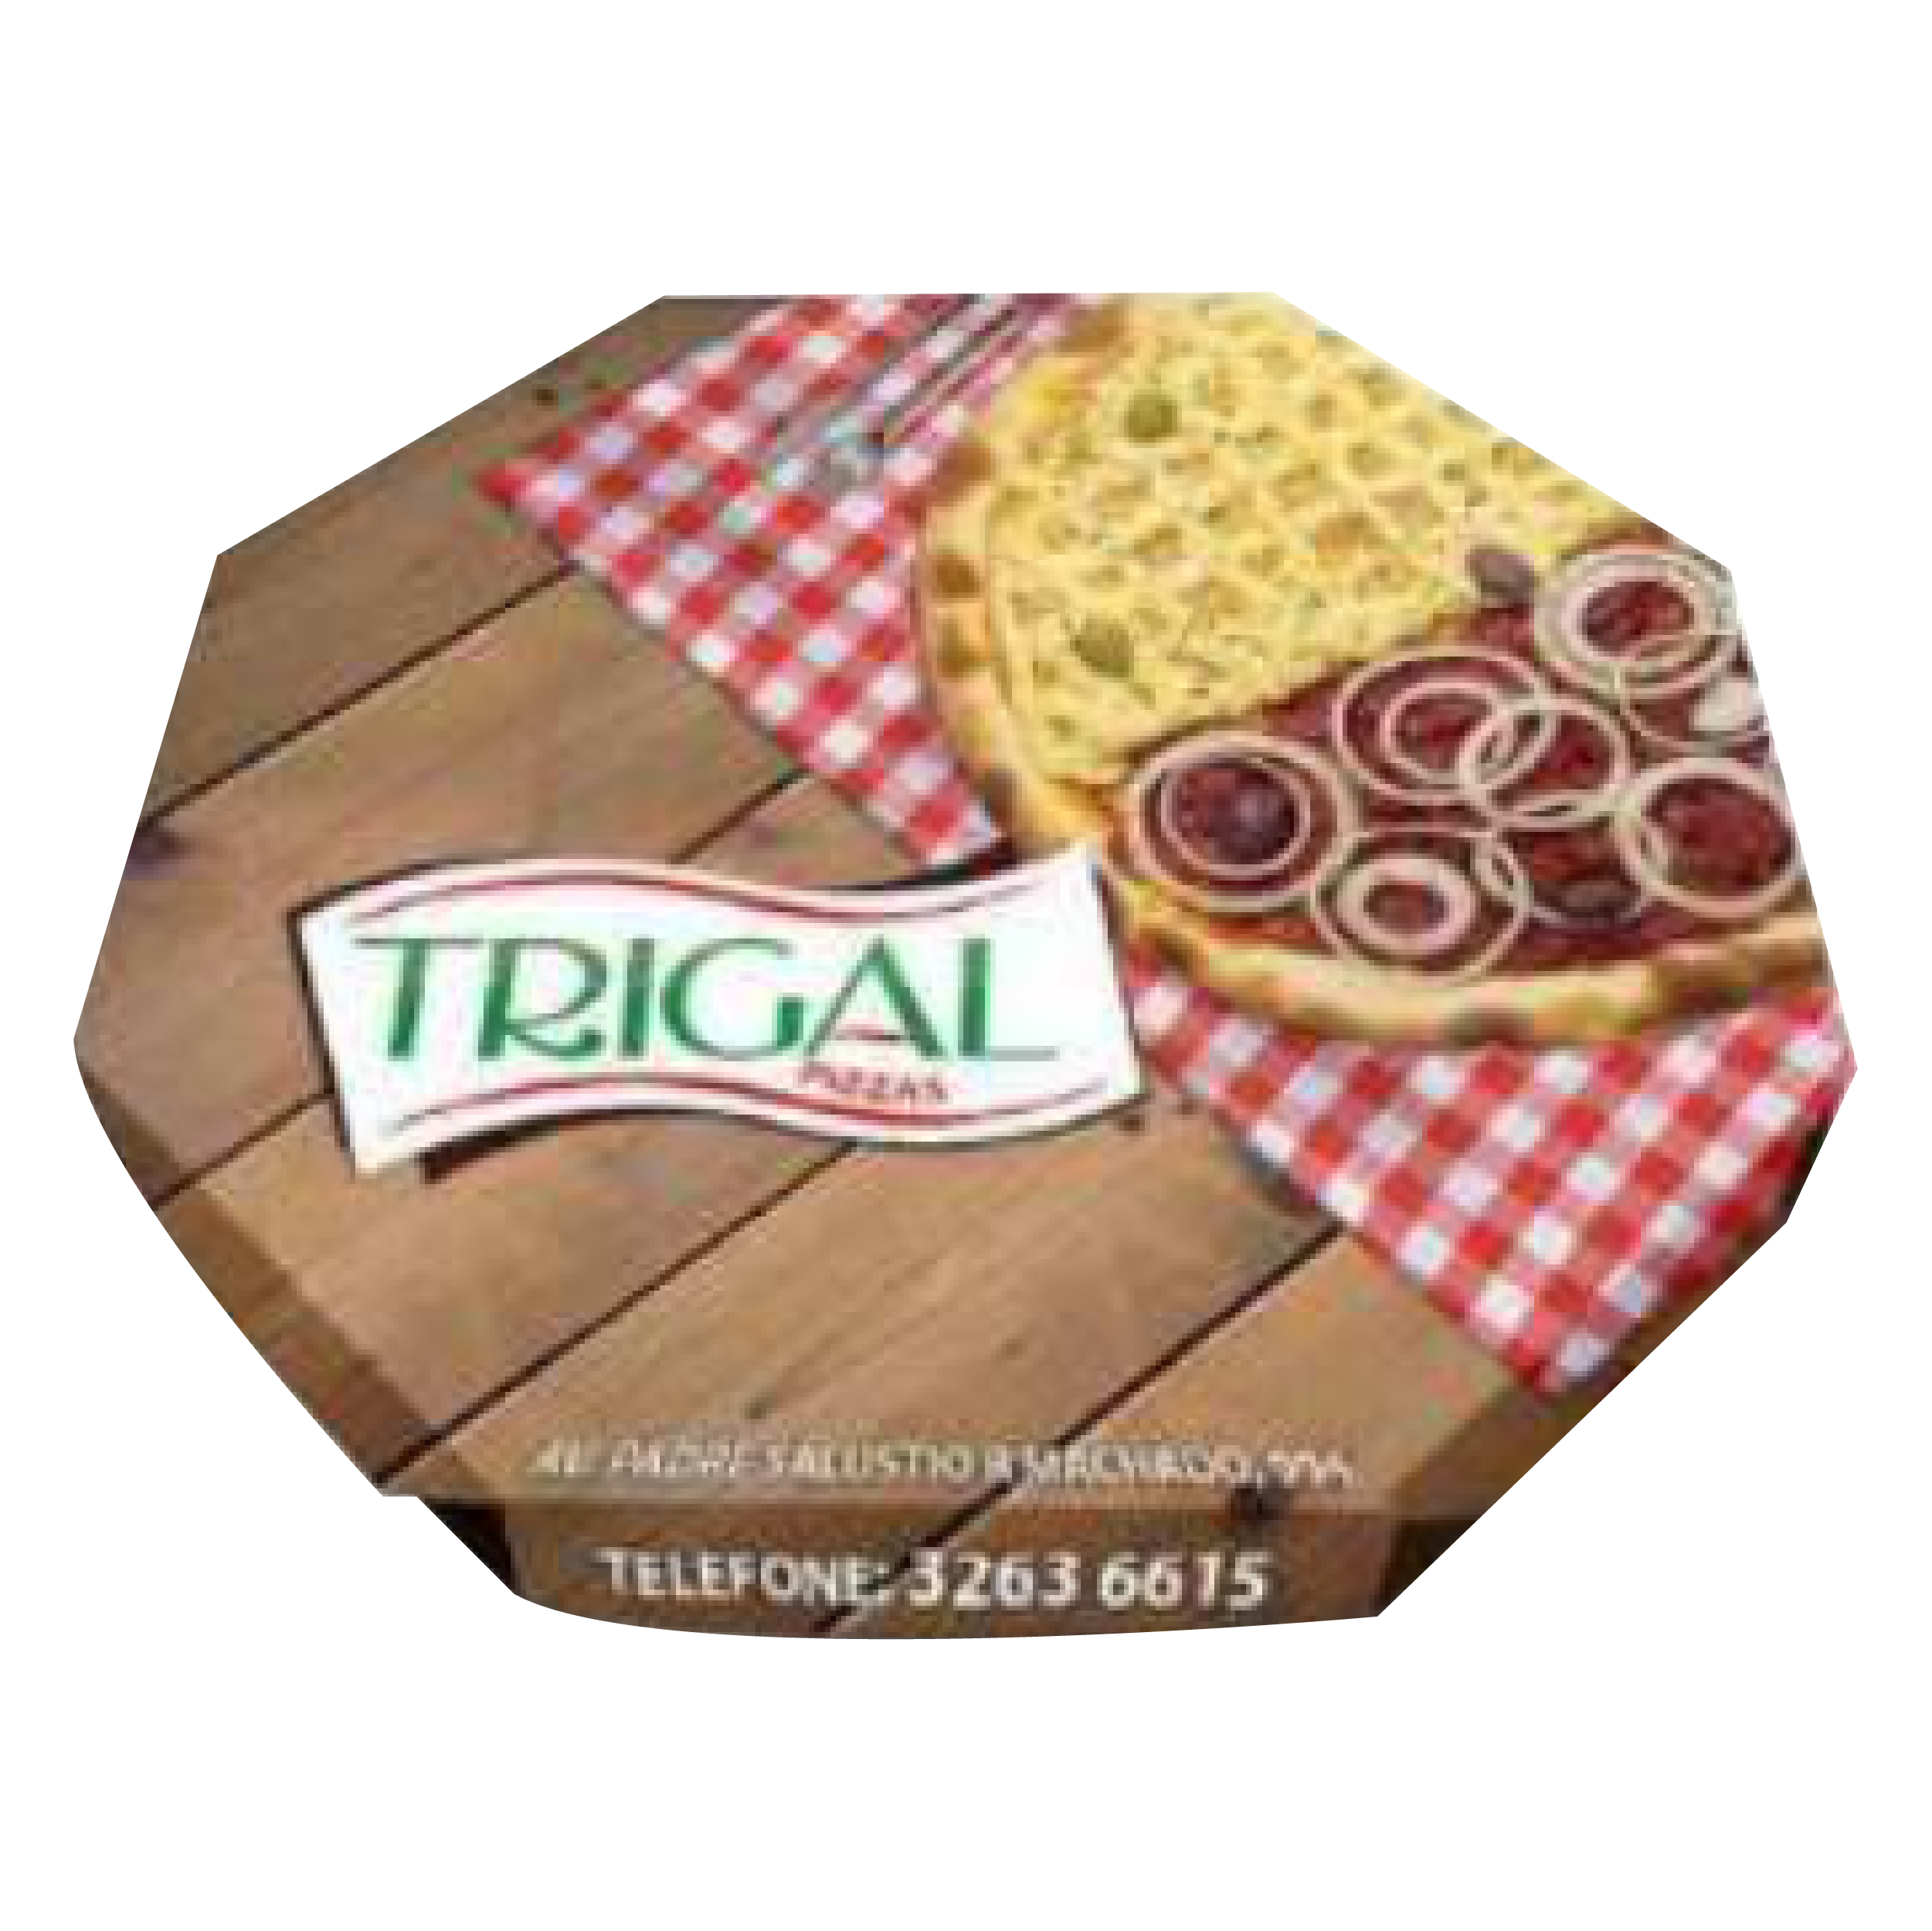 جعبه پیتزا هشت ضلعی 0۳ - جعبه پیتزا - تولید کننده جعبه پیتزا ارزان و با کیفیت